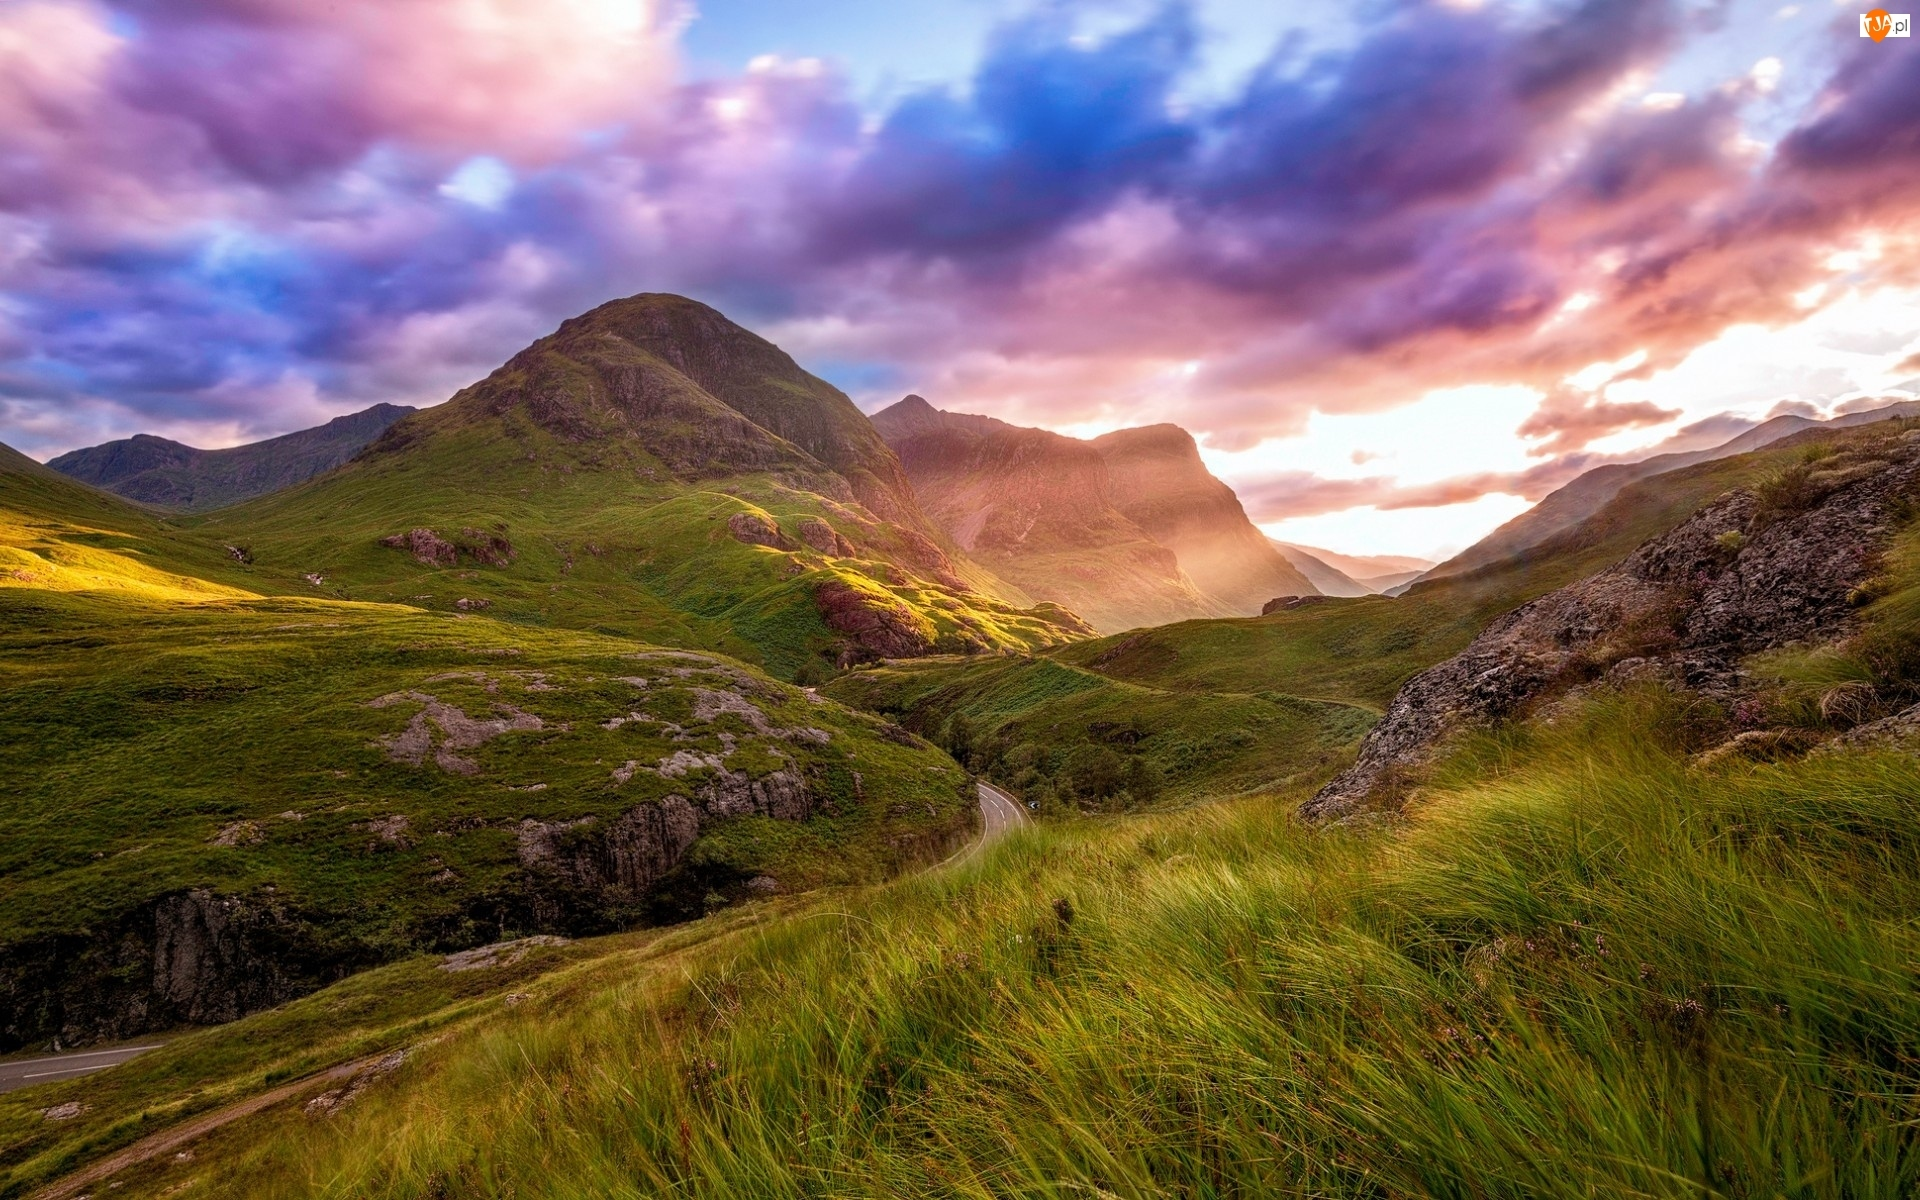 Trawą, Droga, Wzgórz, Pośród, Porośniętych